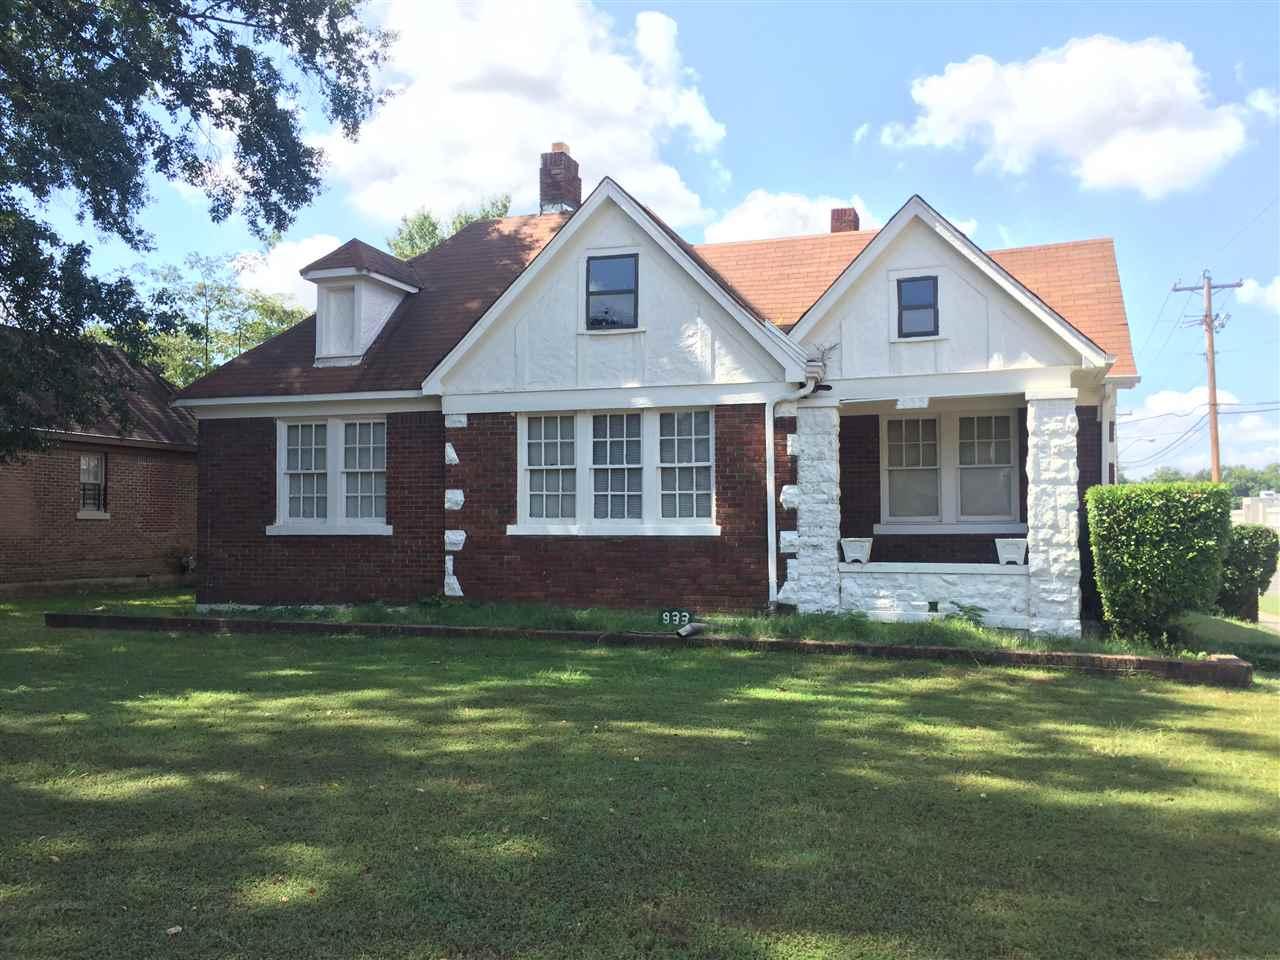 933 N MCLEAN BLVD, Memphis, TN 38107